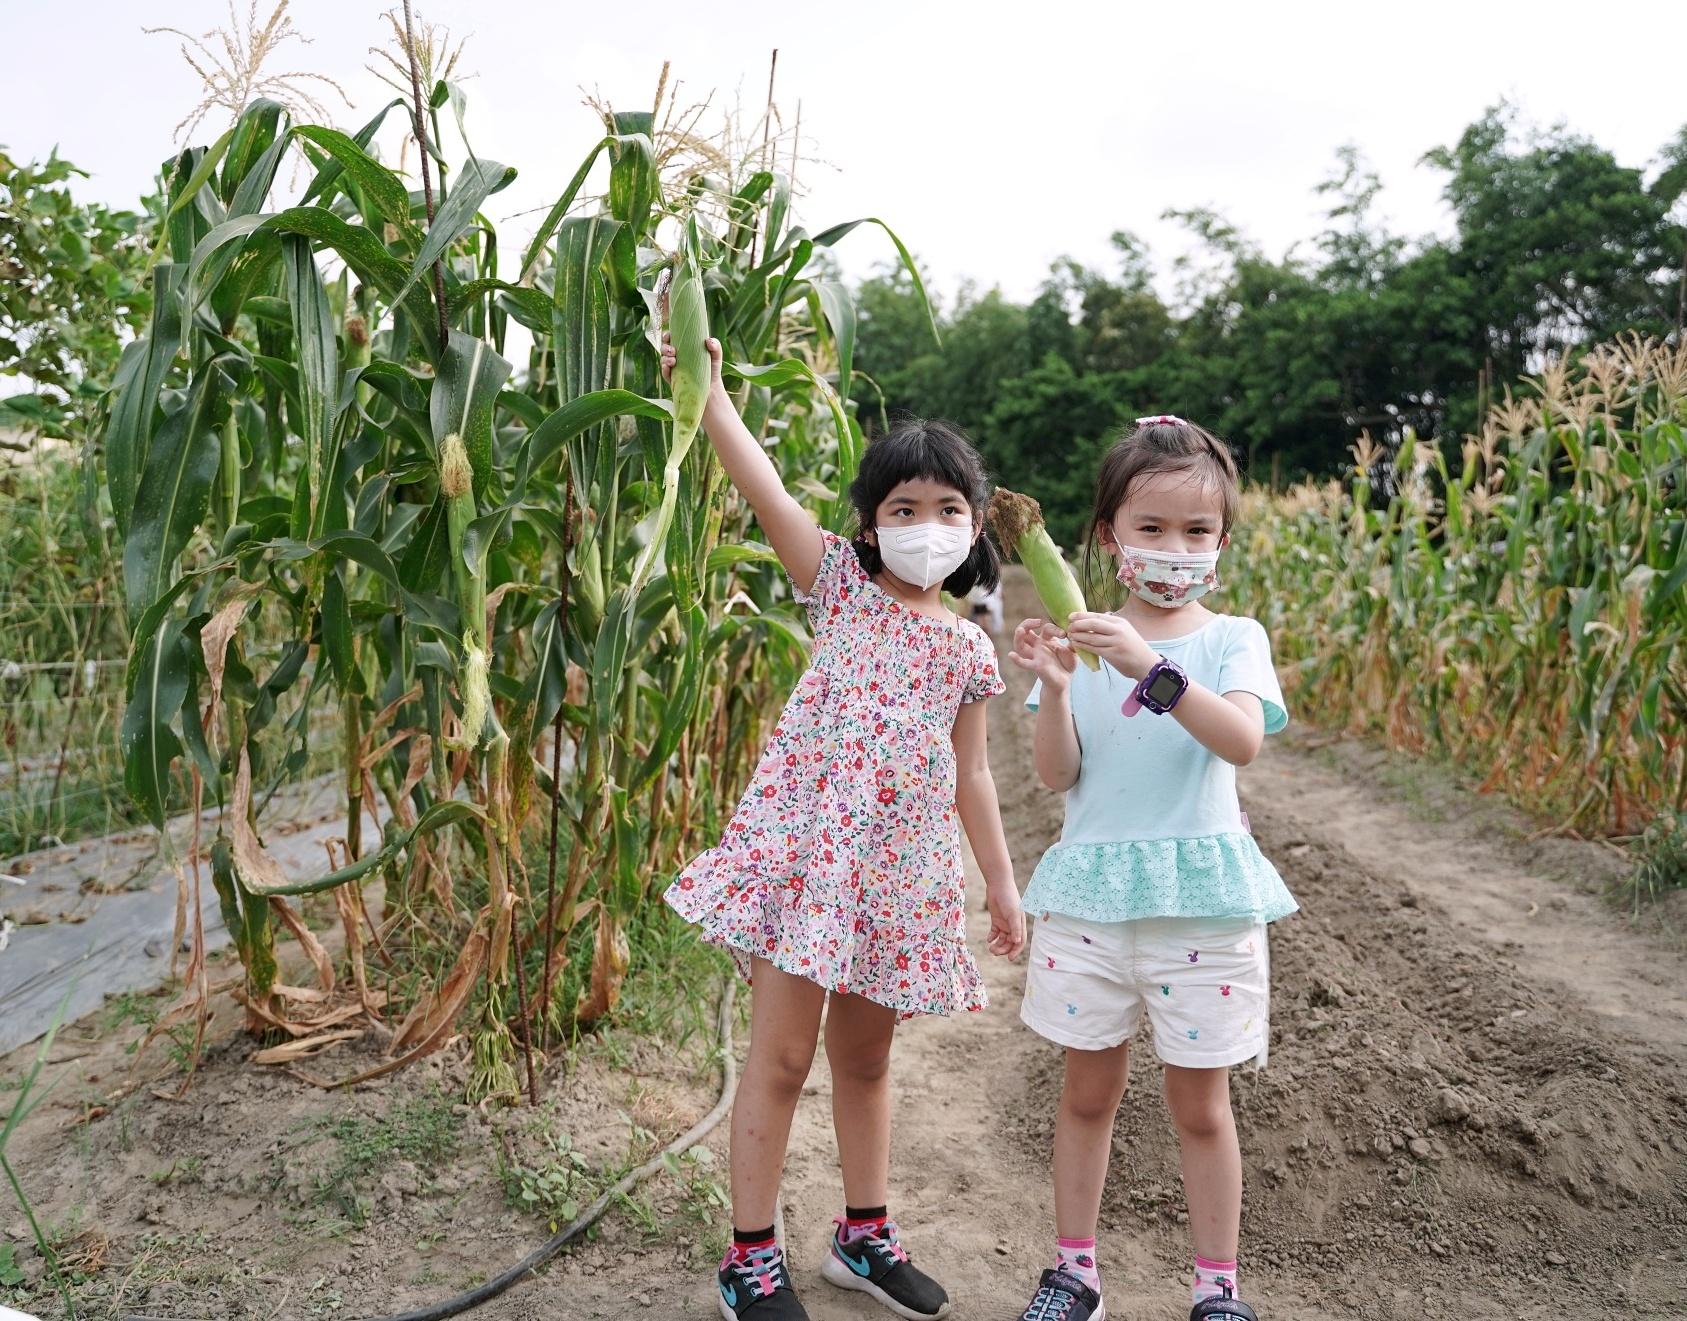 苗栗西湖四季豐收食農之旅|綠景複合農園|農人體驗現採現煮玉米超好吃